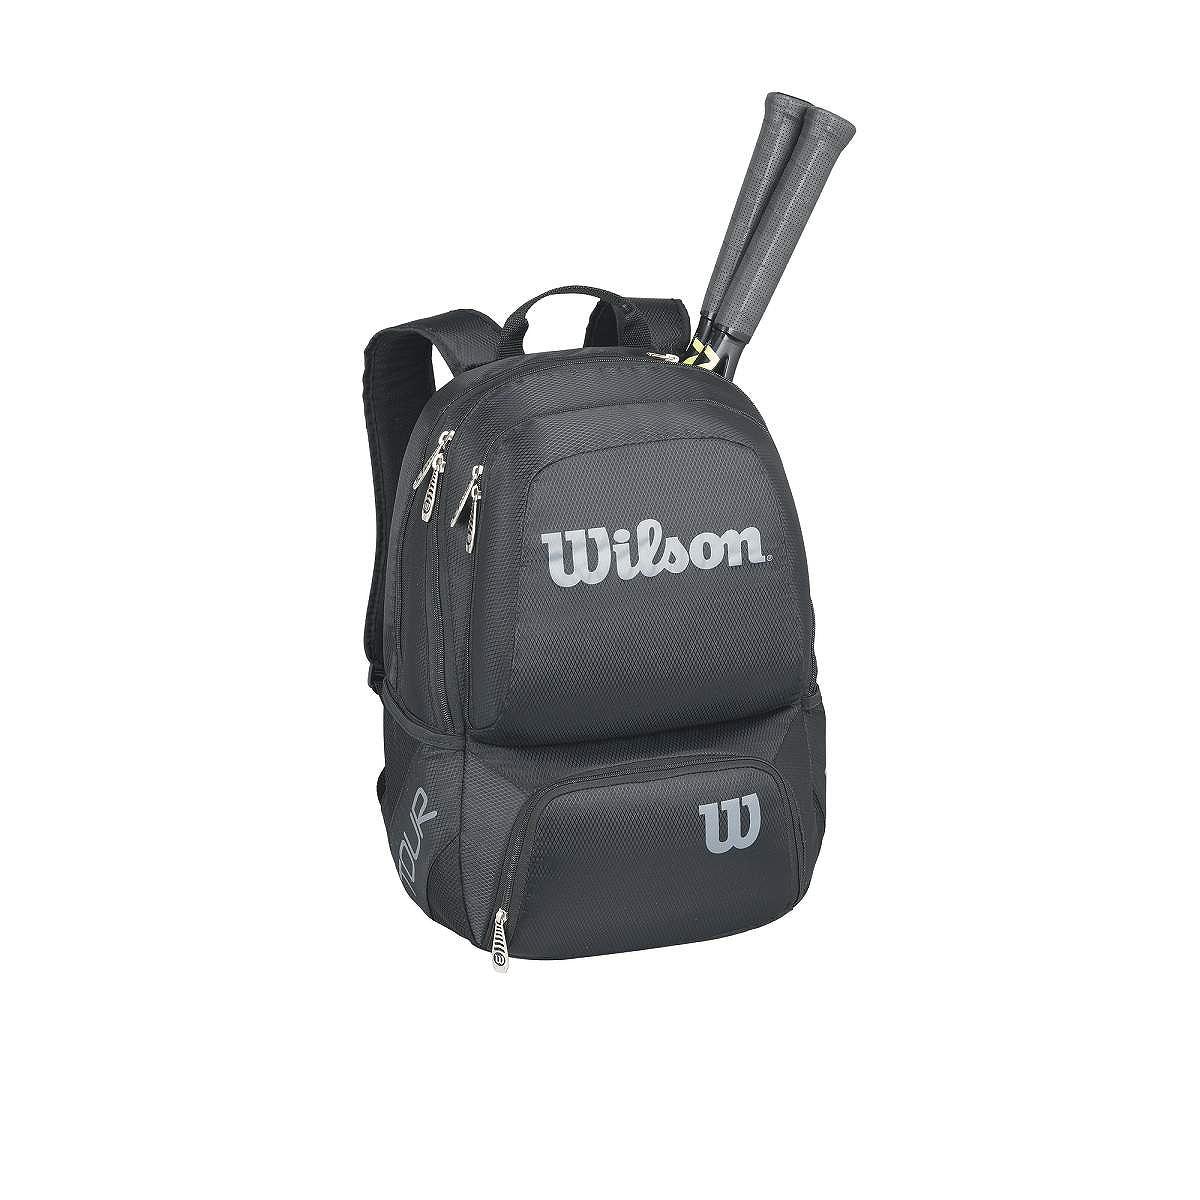 Wilson Tour black medium backpack.jpg